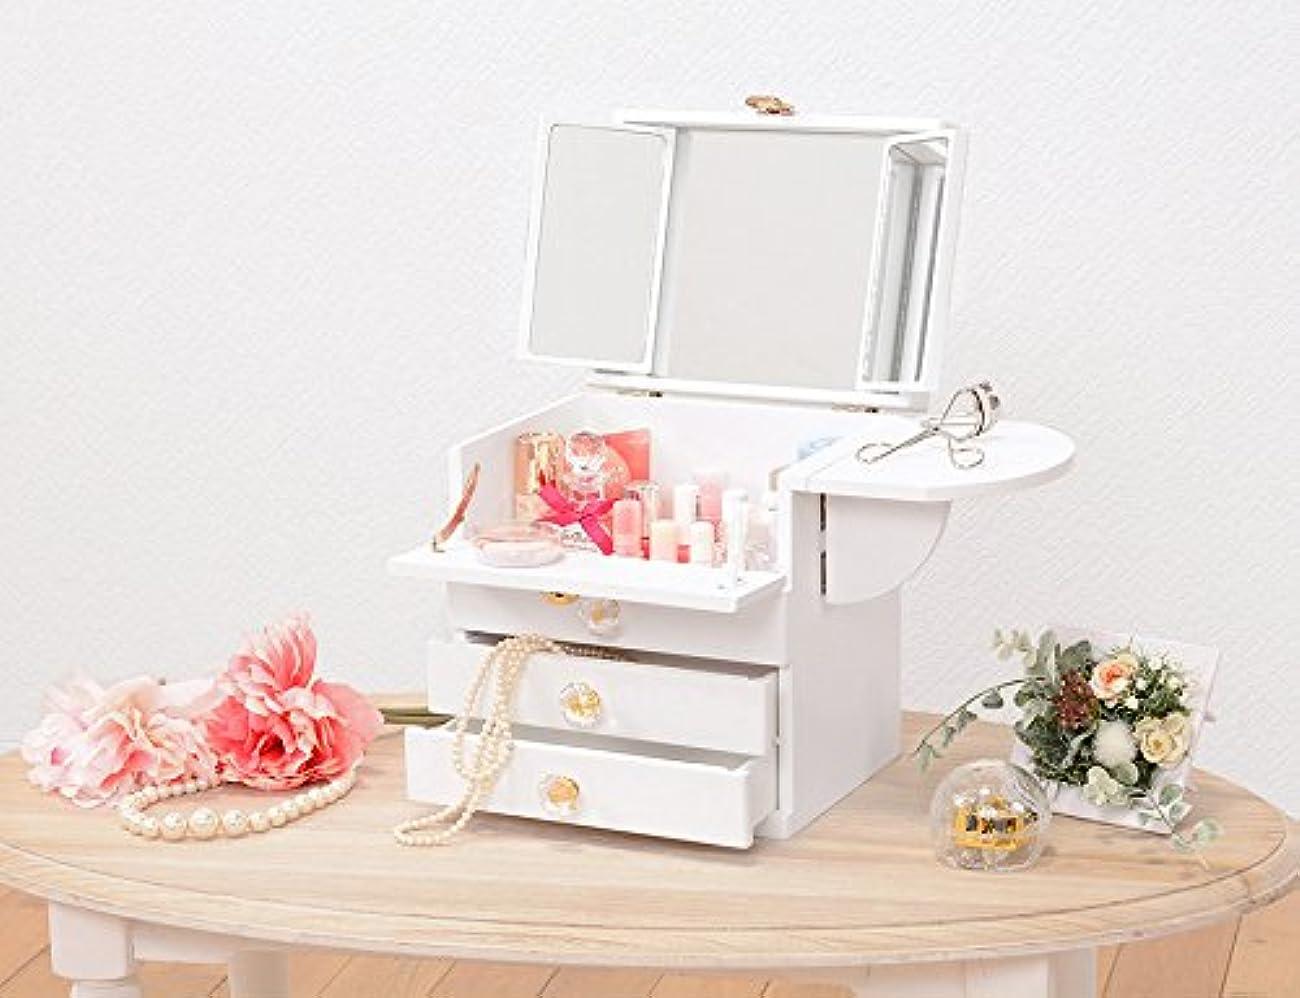 フローティングアパルオーディションコスメボックス 化粧ボックス ジュエリーボックス コスメ収納 収納ボックス 化粧台 3面鏡 完成品 折りたたみ式 軽量 コンパクト ホワイト